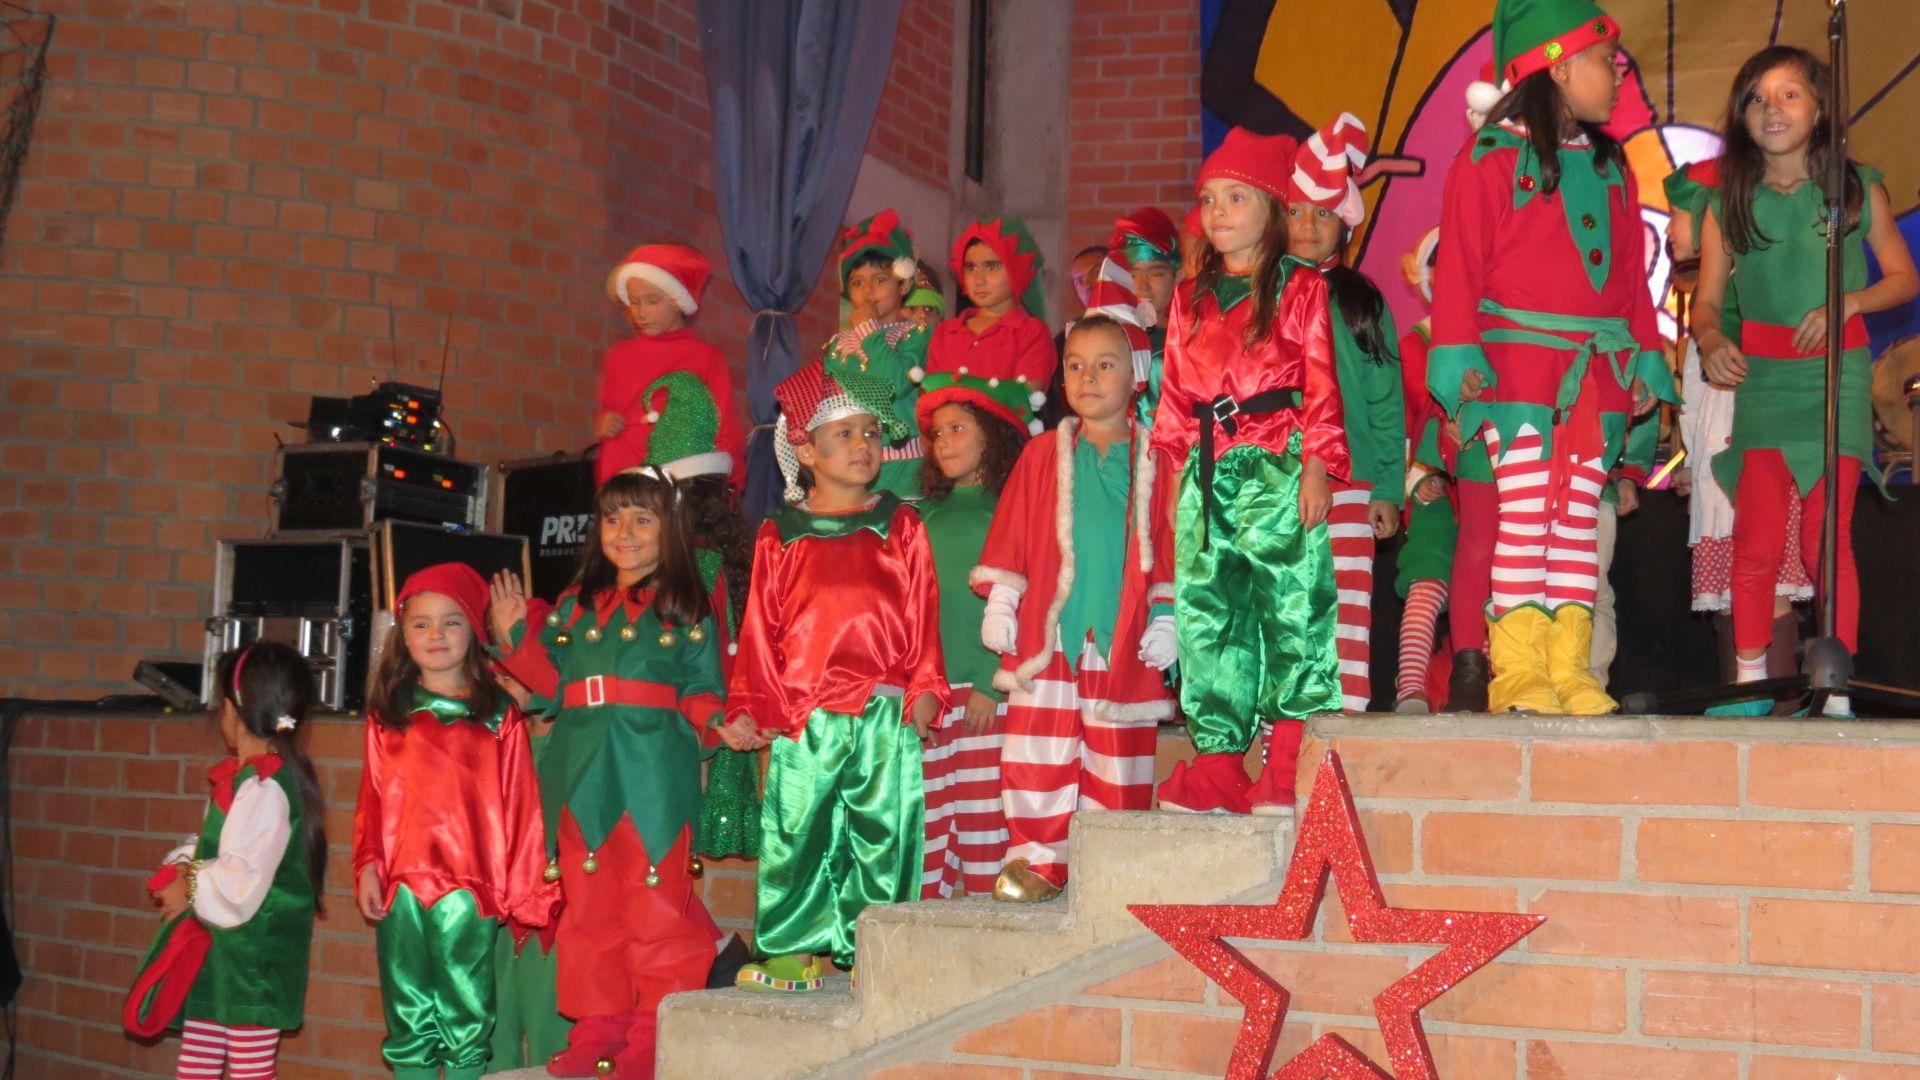 Estrellas que se robar en show durante nuestro tradicional evento: Noche de Luz y Navidad. Un espacio que da a relucir el trabajo artistico de nuestros estudiantes en artes plásticas, teatro y música.